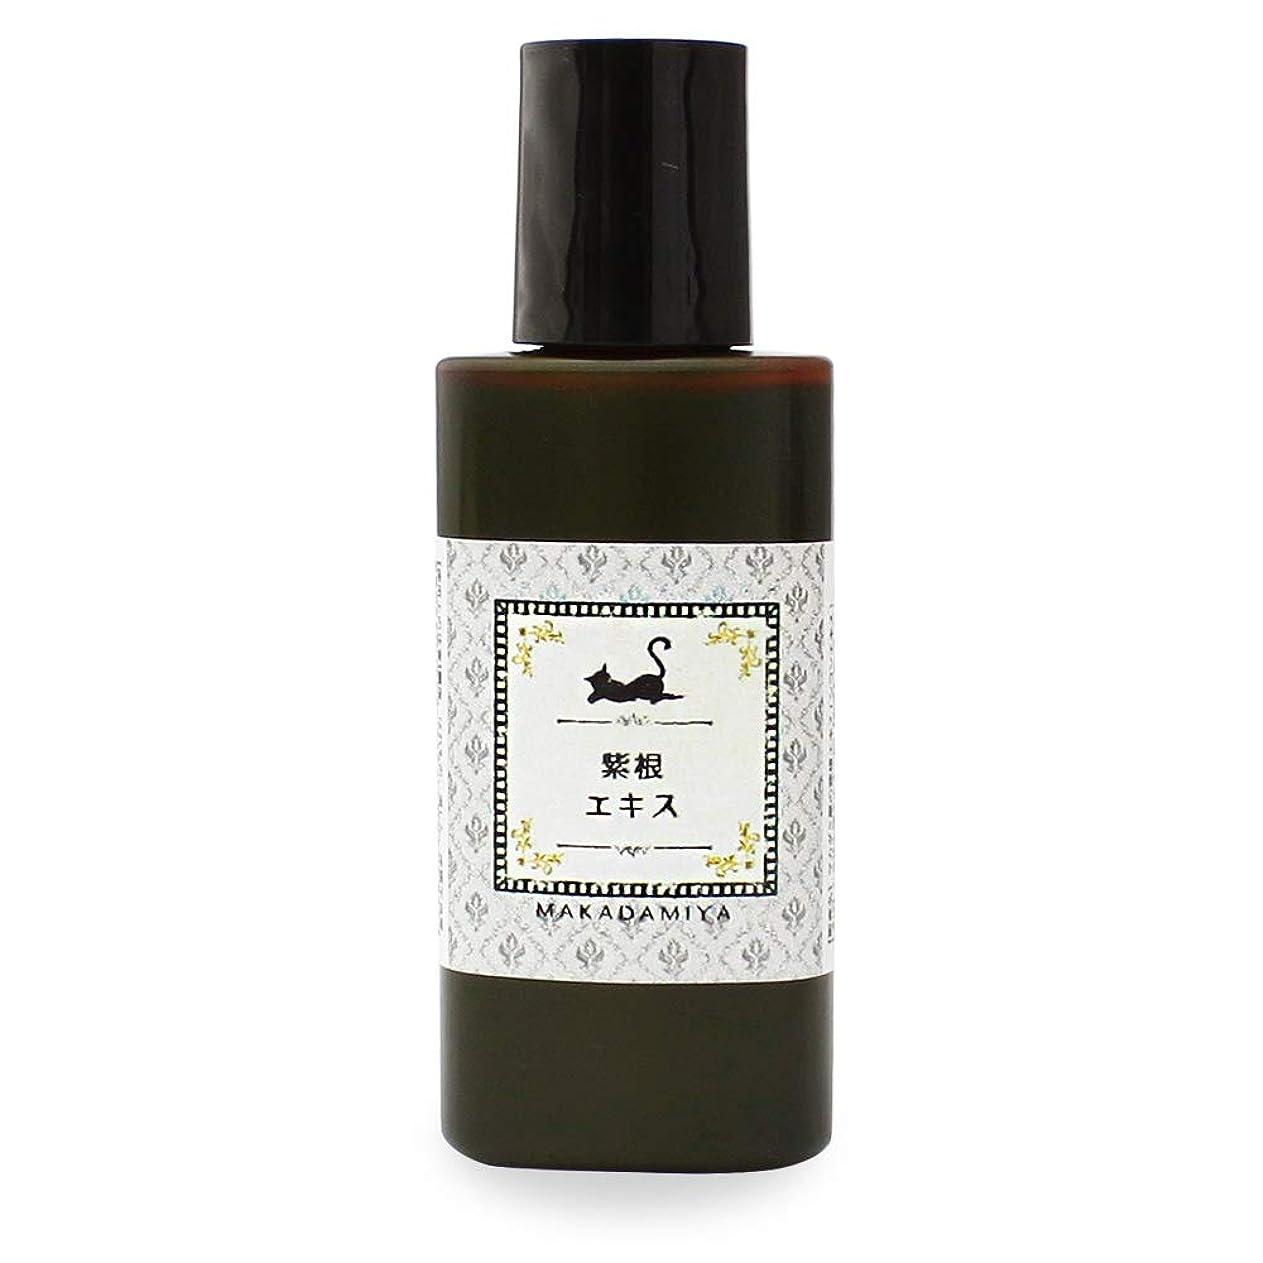 ページェント復活させる刈り取る紫根エキス(シコンエキス) 20ml (水溶性 原液) ムラサキ根エキス (紫根特有の酸味が強い香りが致します。) マカダミ屋